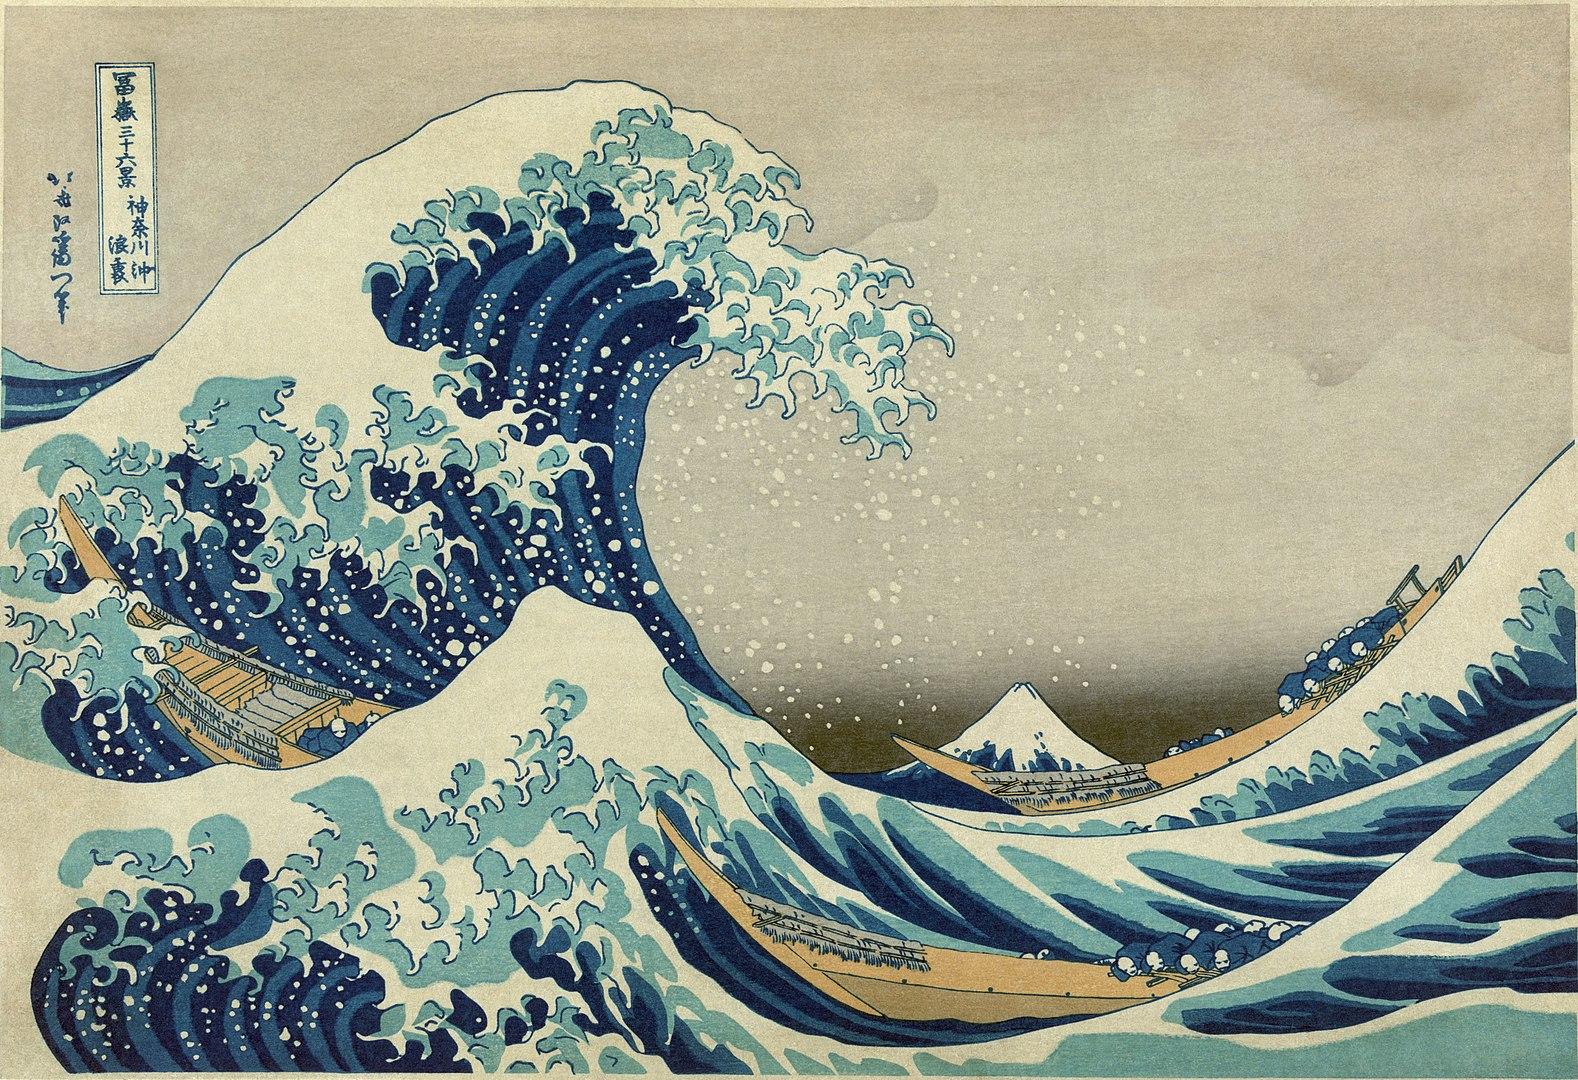 La fascinante historia de 'La gran ola de Kanagawa'